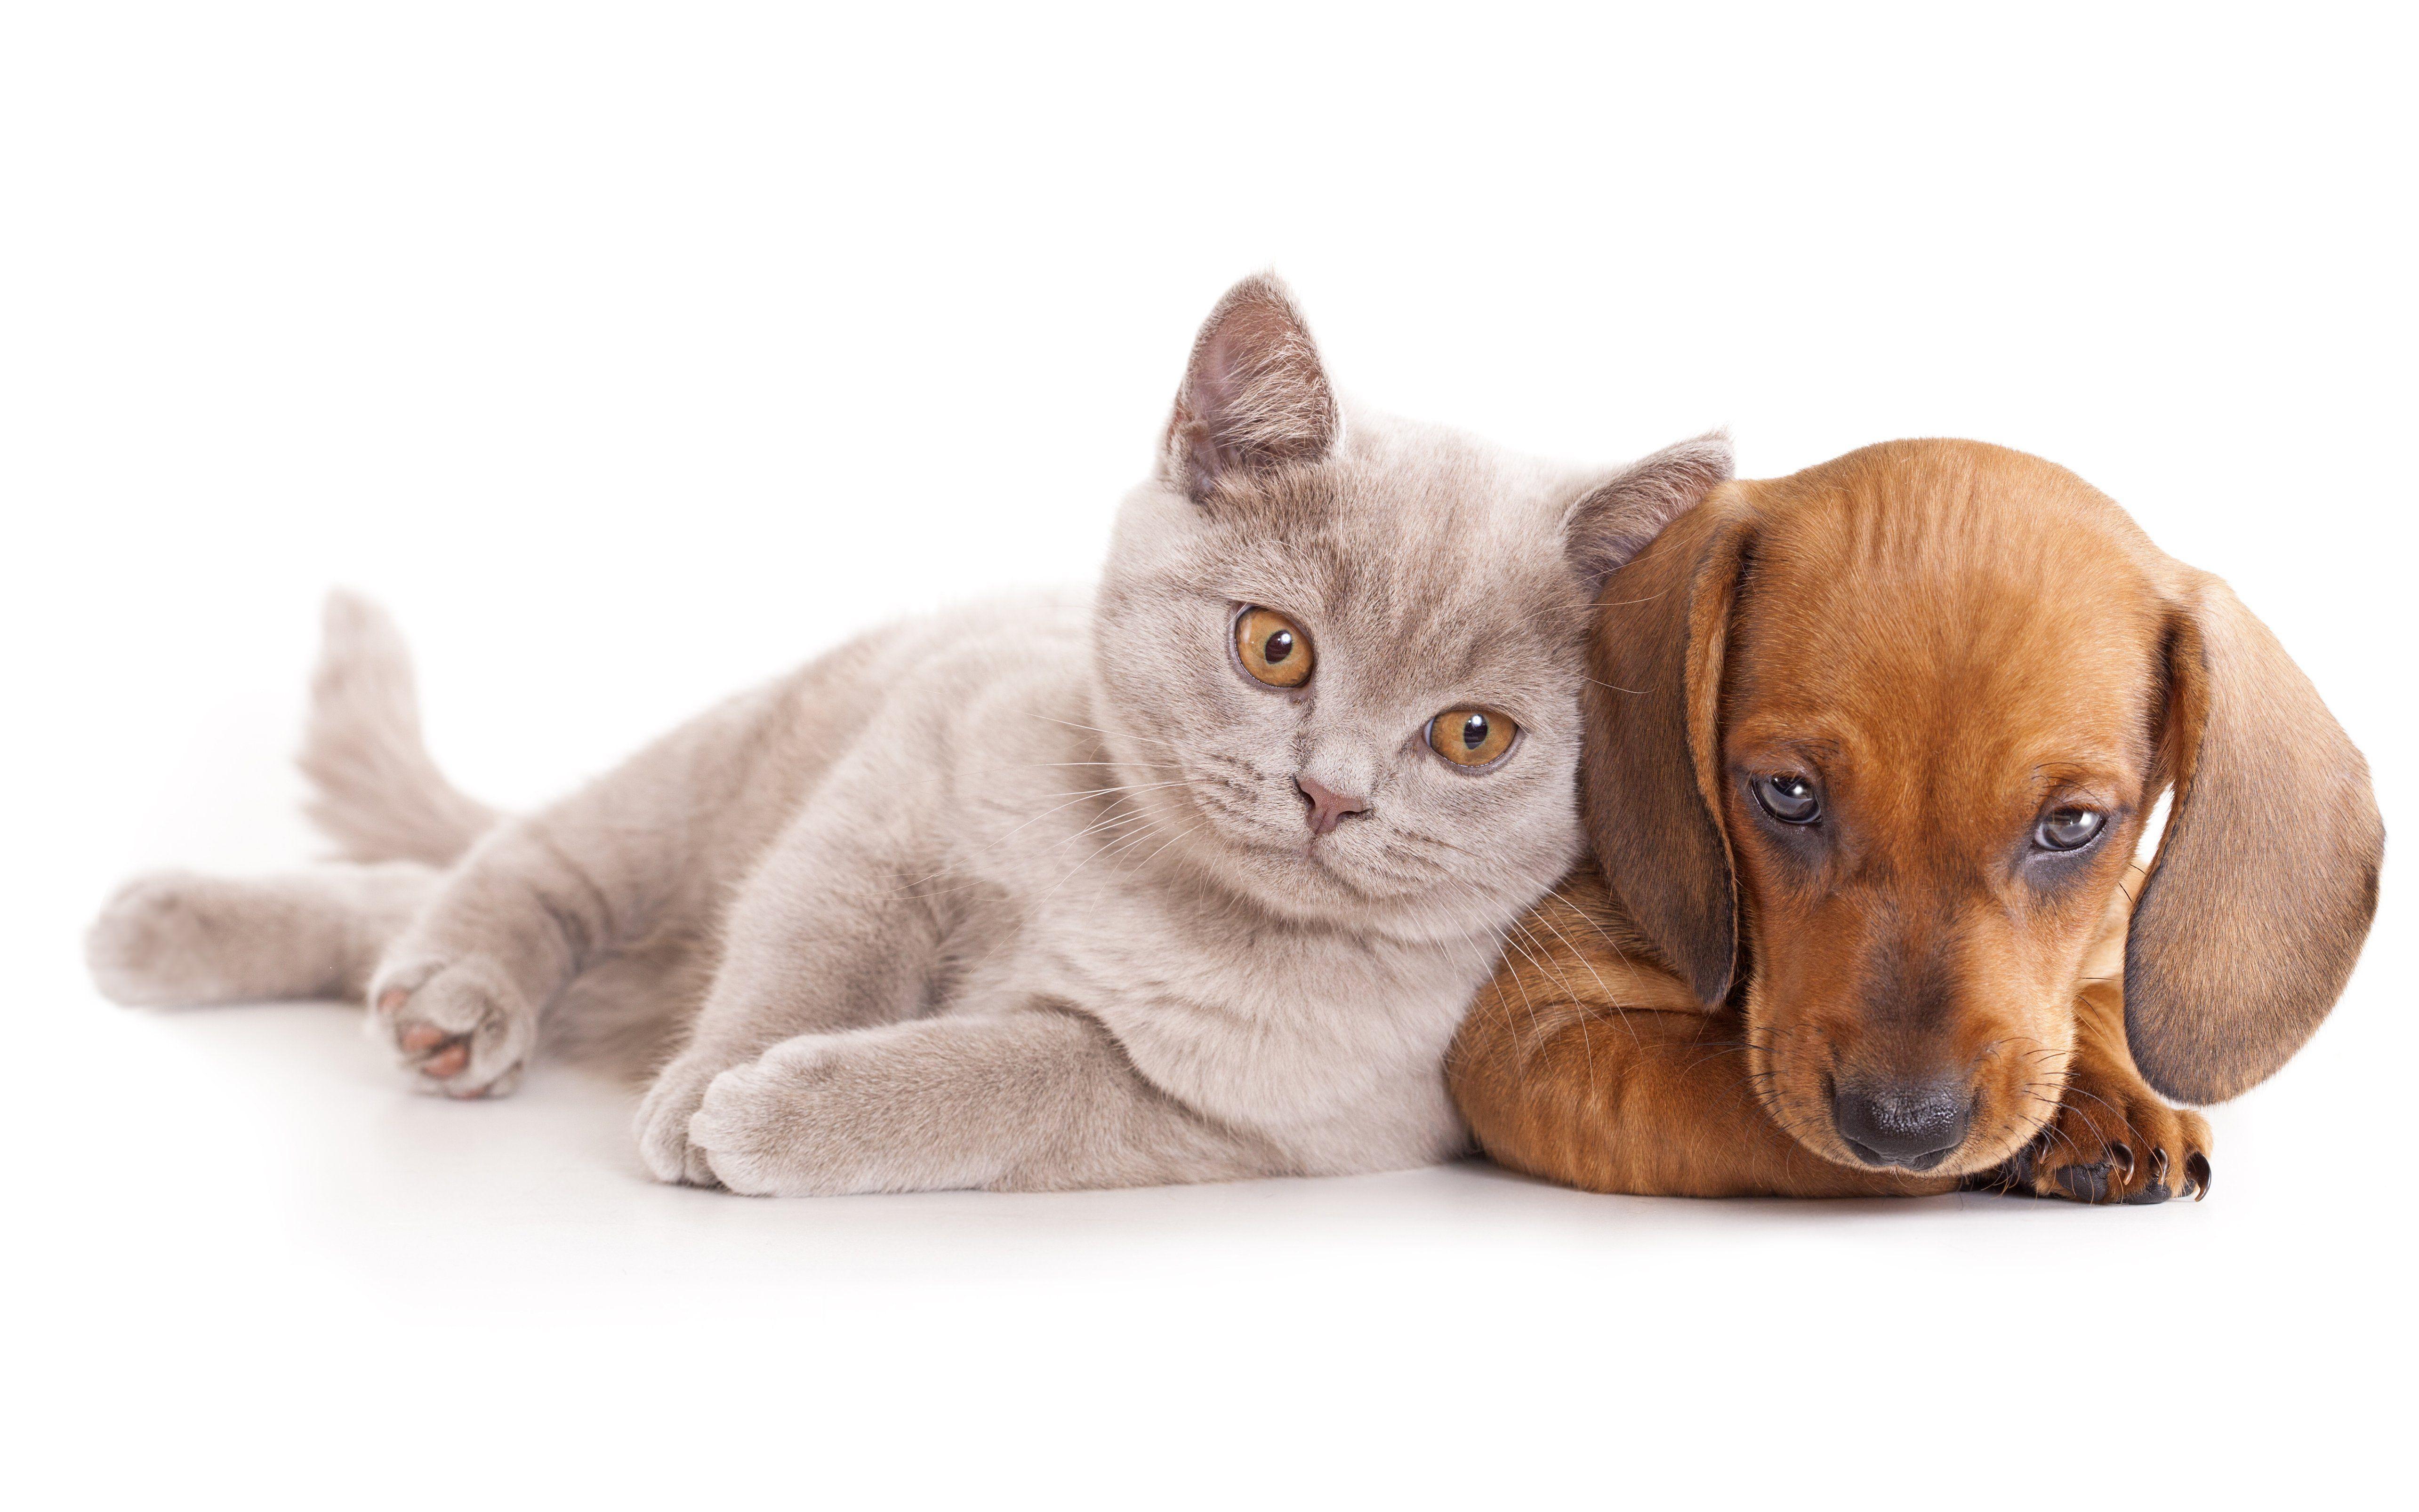 5139x3213 القطط الكلاب خلفيات HD الجراء القطط لطيف في المتجر.  عالية الدقة